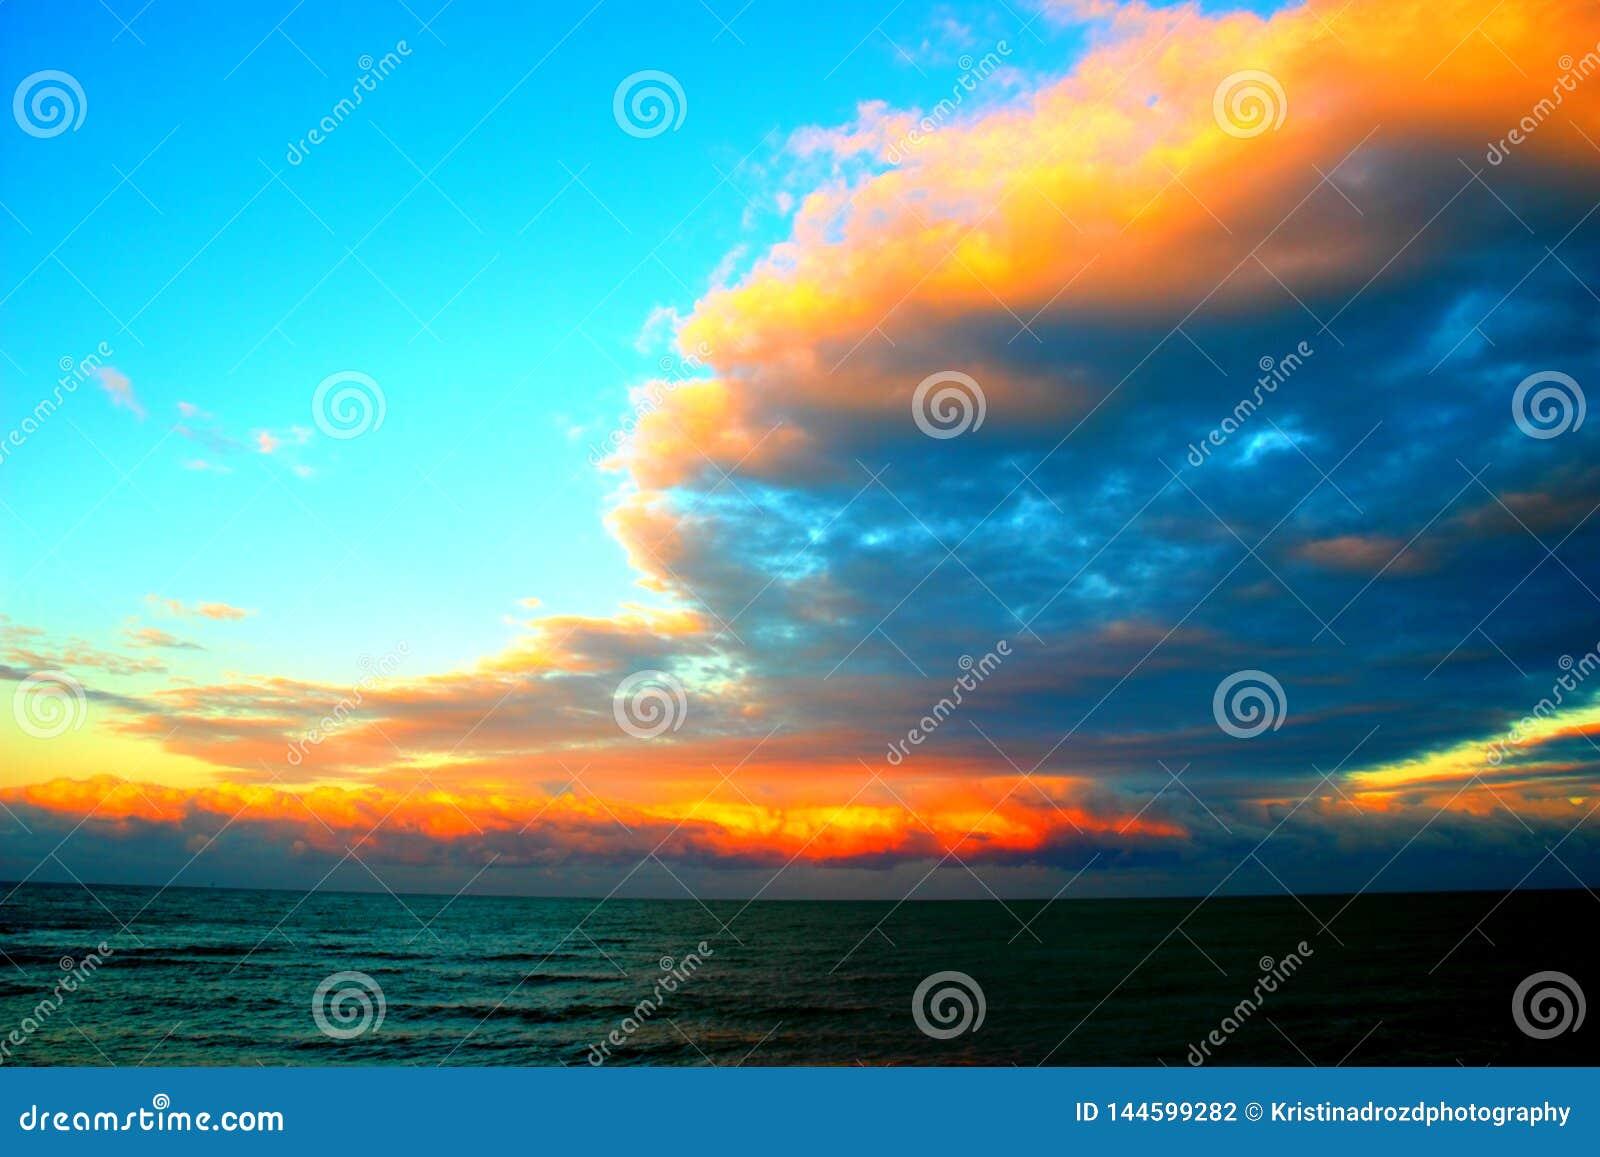 Lo stupore si rannuvola il mare durante il tramonto